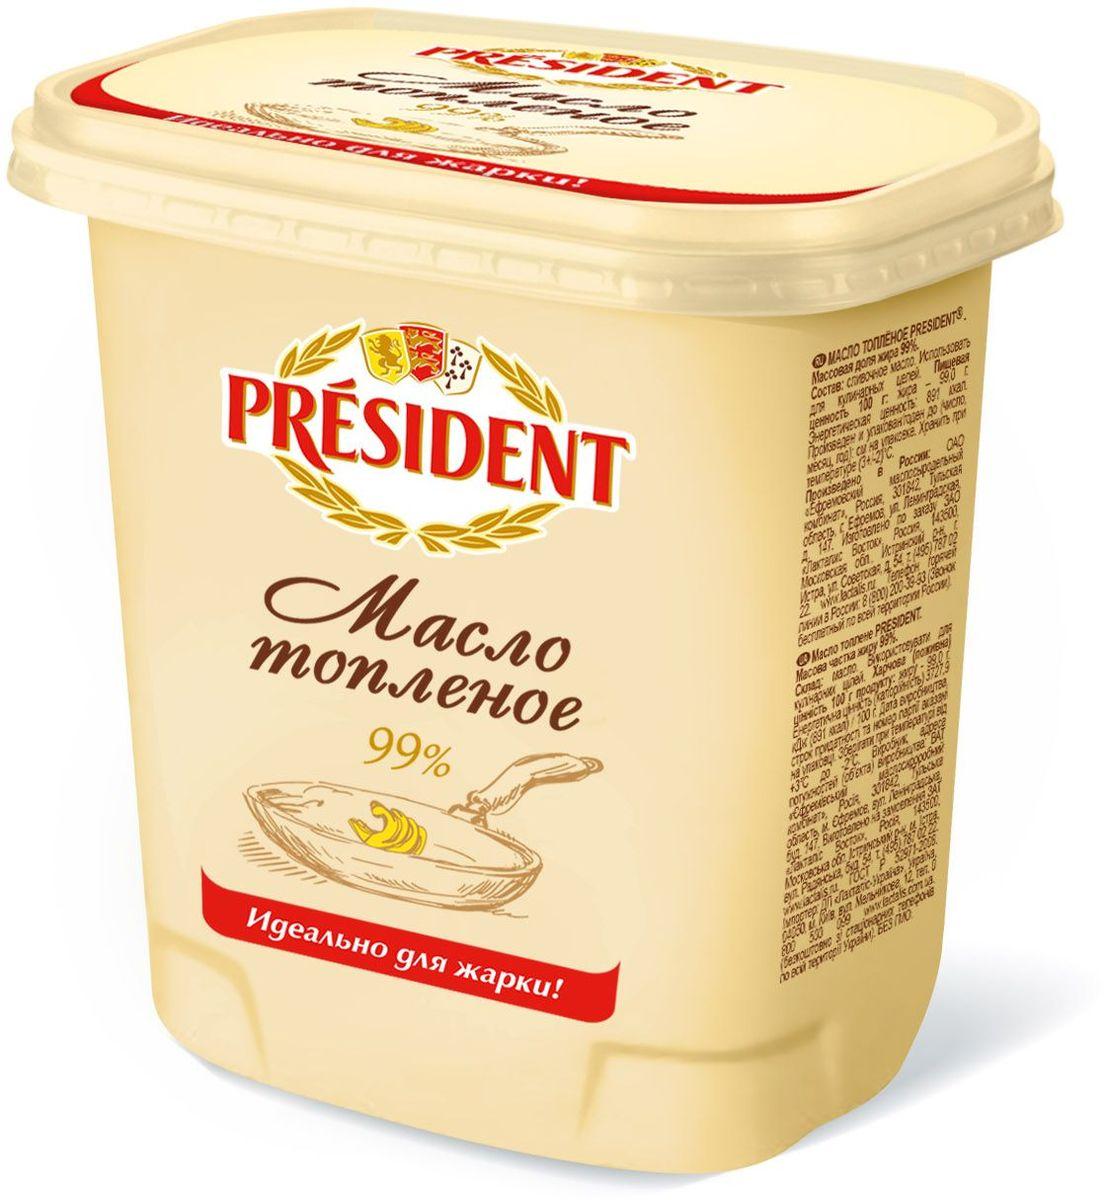 President Масло топленое 99%, 380 г president масло кисло сливочное несоленое 82 5% 200 г